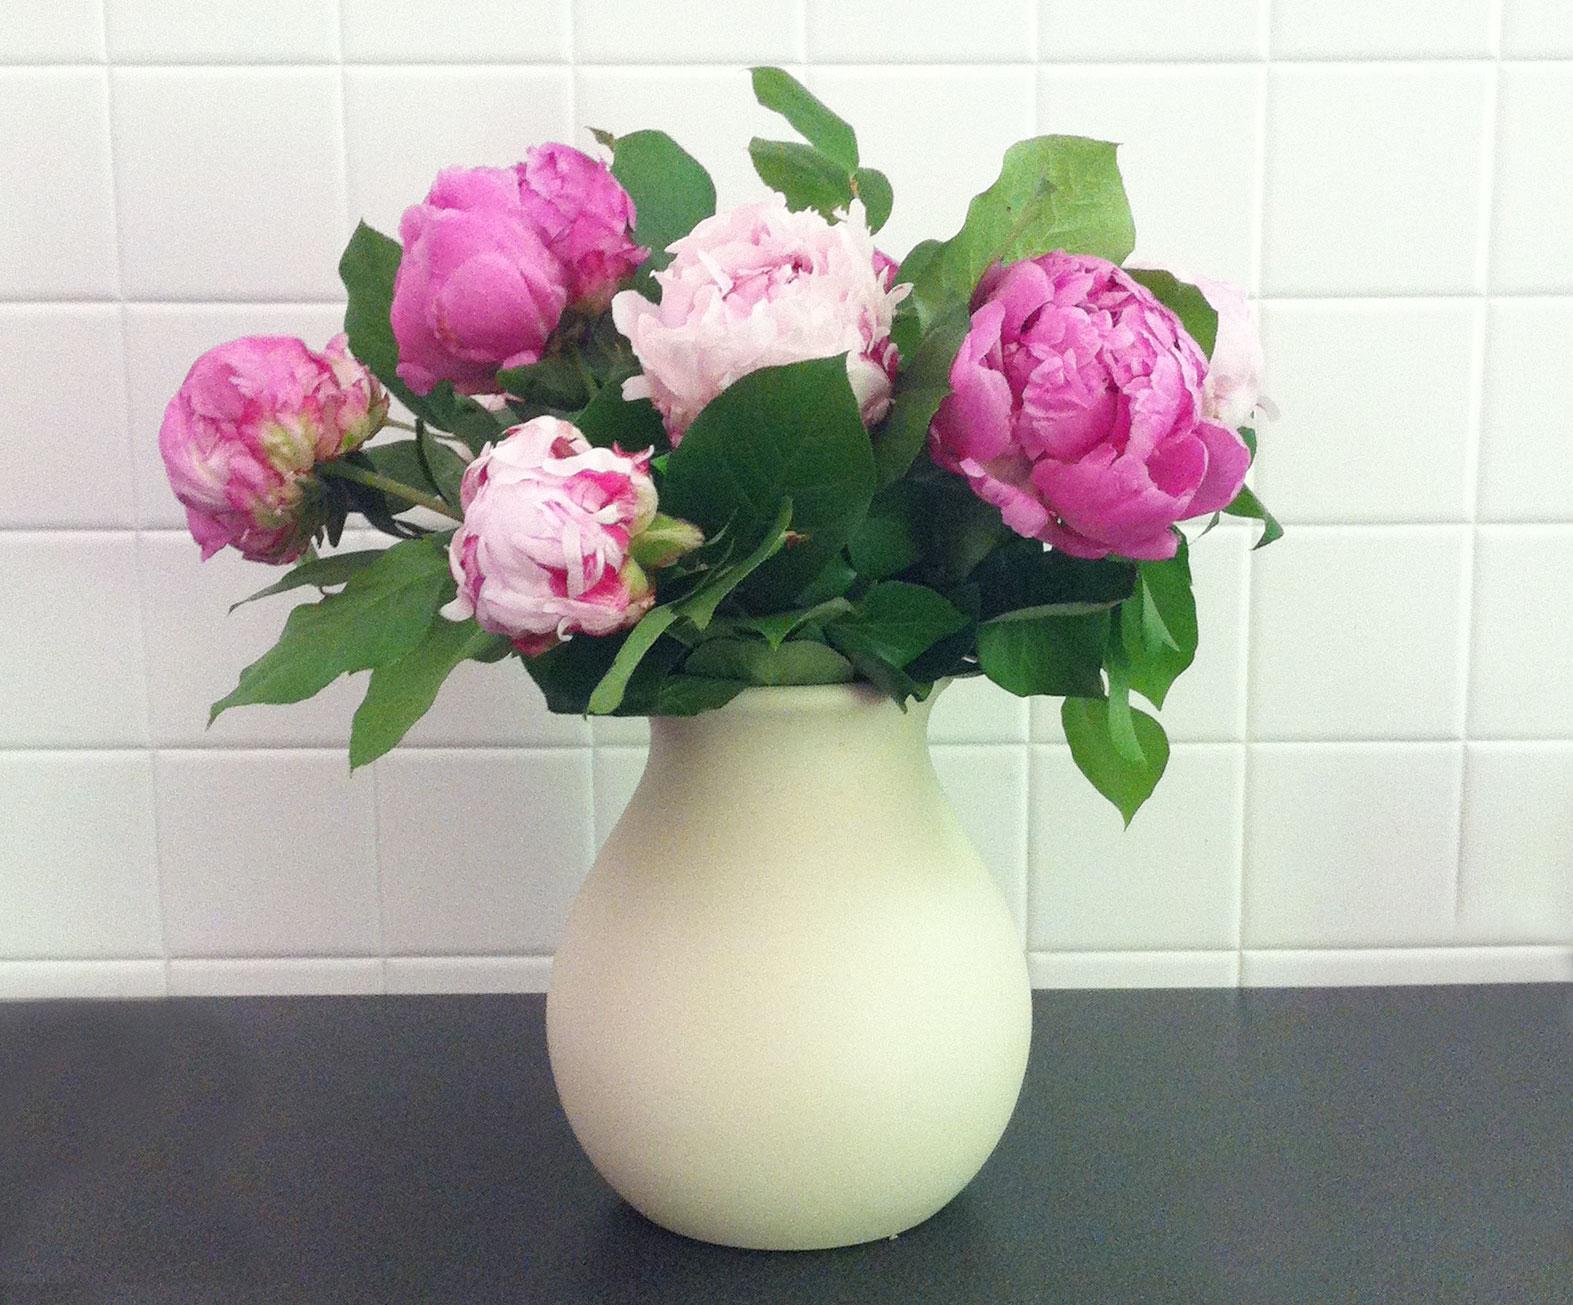 Comment Conserver Du Muguet En Vase comment bien mettre à l'eau son bouquet de fleurs coupées